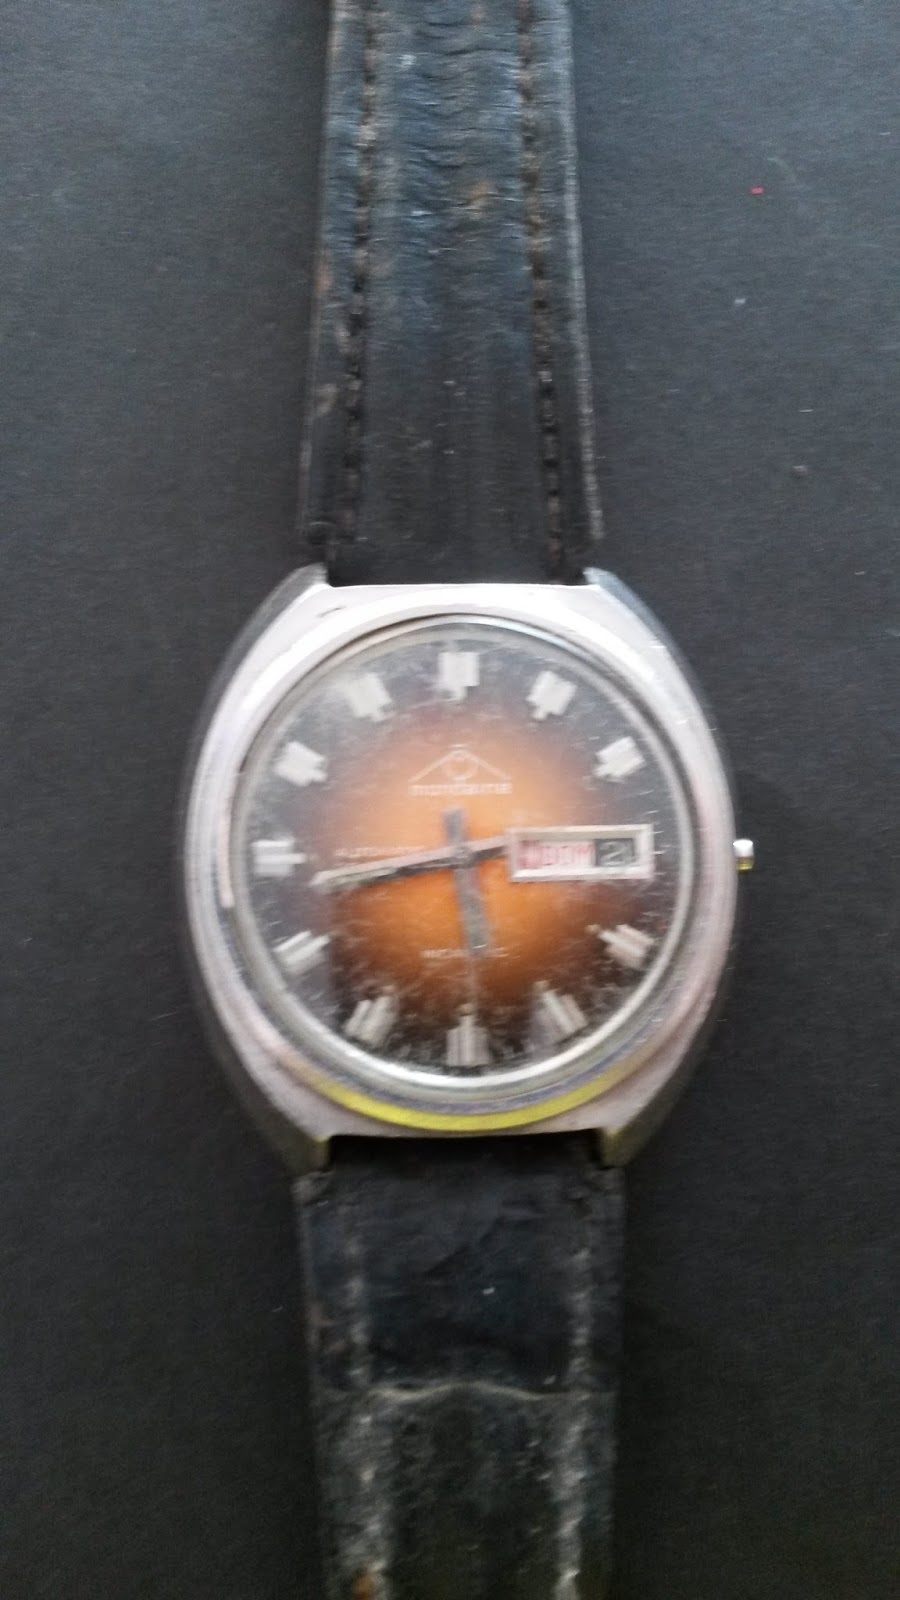 7fd66c61d06 Também faltando a coroa e a tige ( cabeça de acertar as horas e o pino  interno).